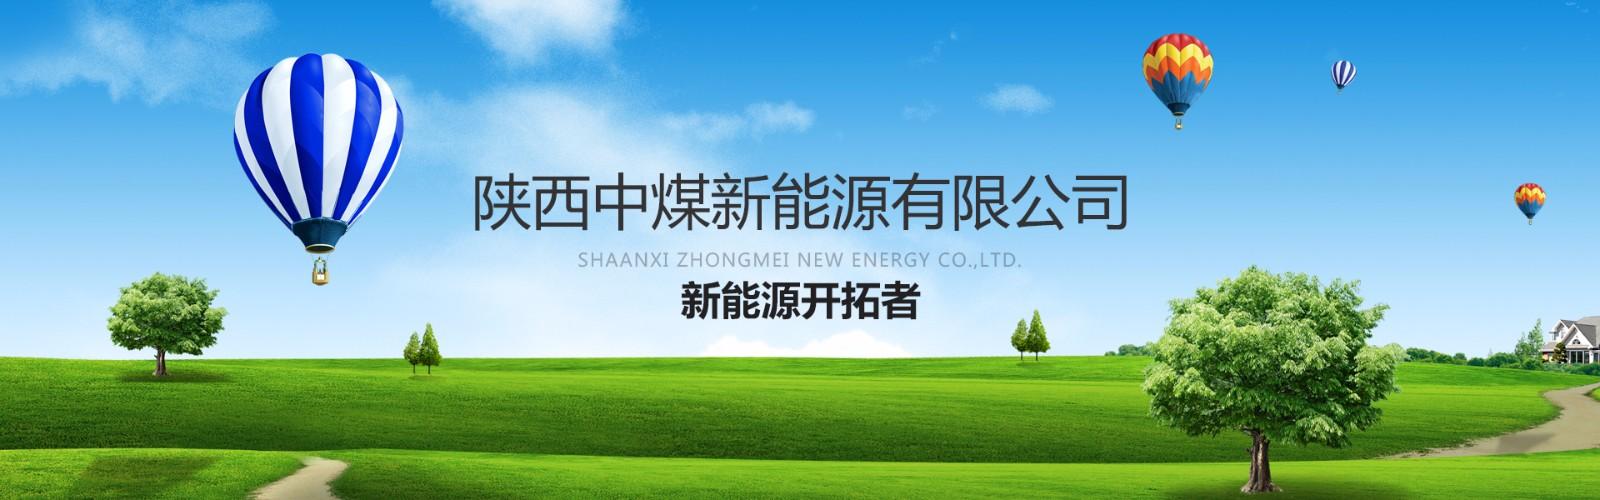 陕西中煤新能源有限公司